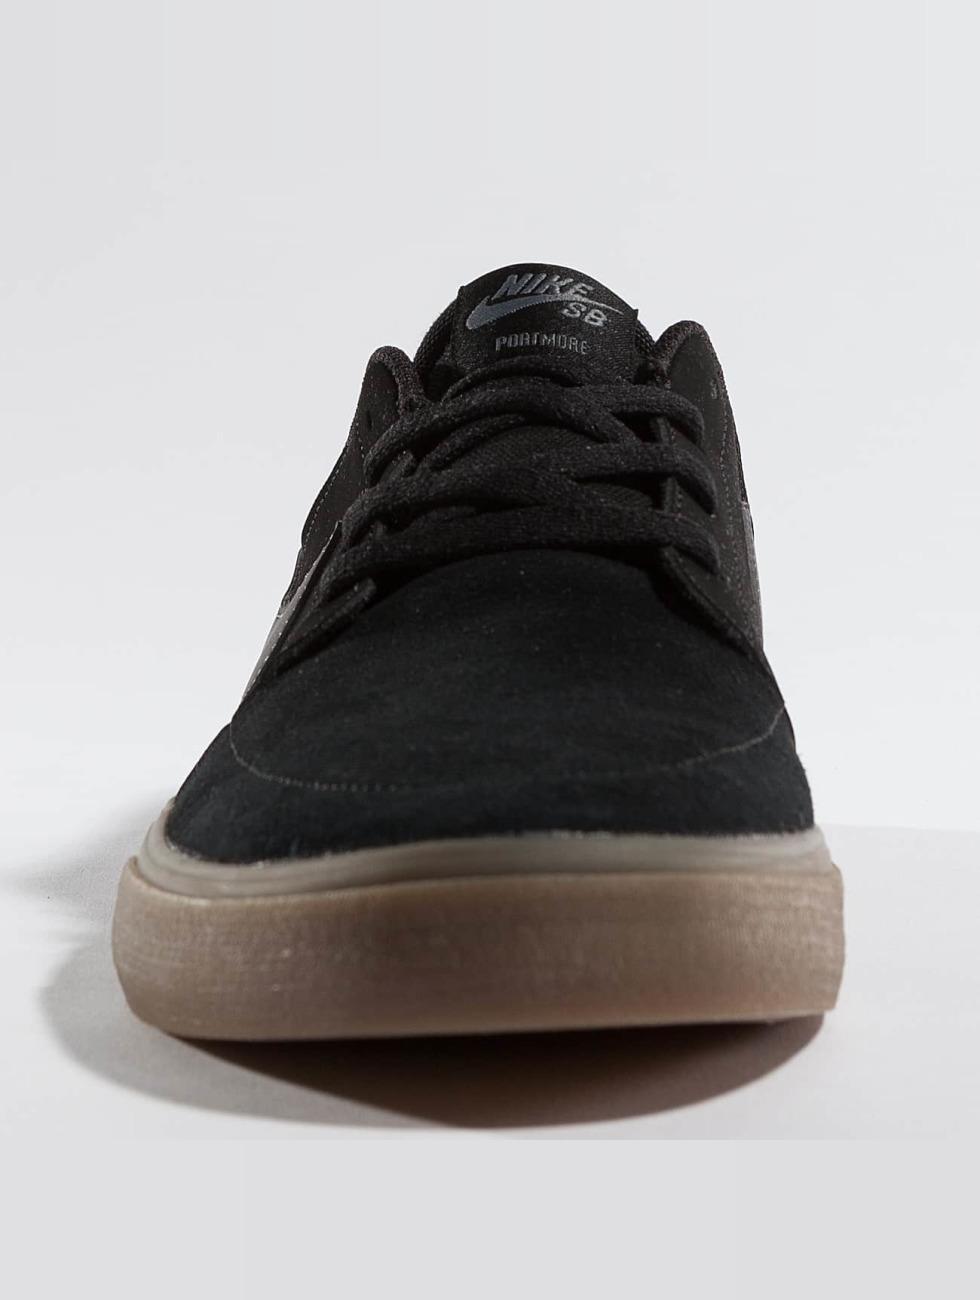 Nike Sb Scarpa / Sneaker Sb Solare Affrancatura Morbida Ll Più Nera 363 025 MLHluBNk